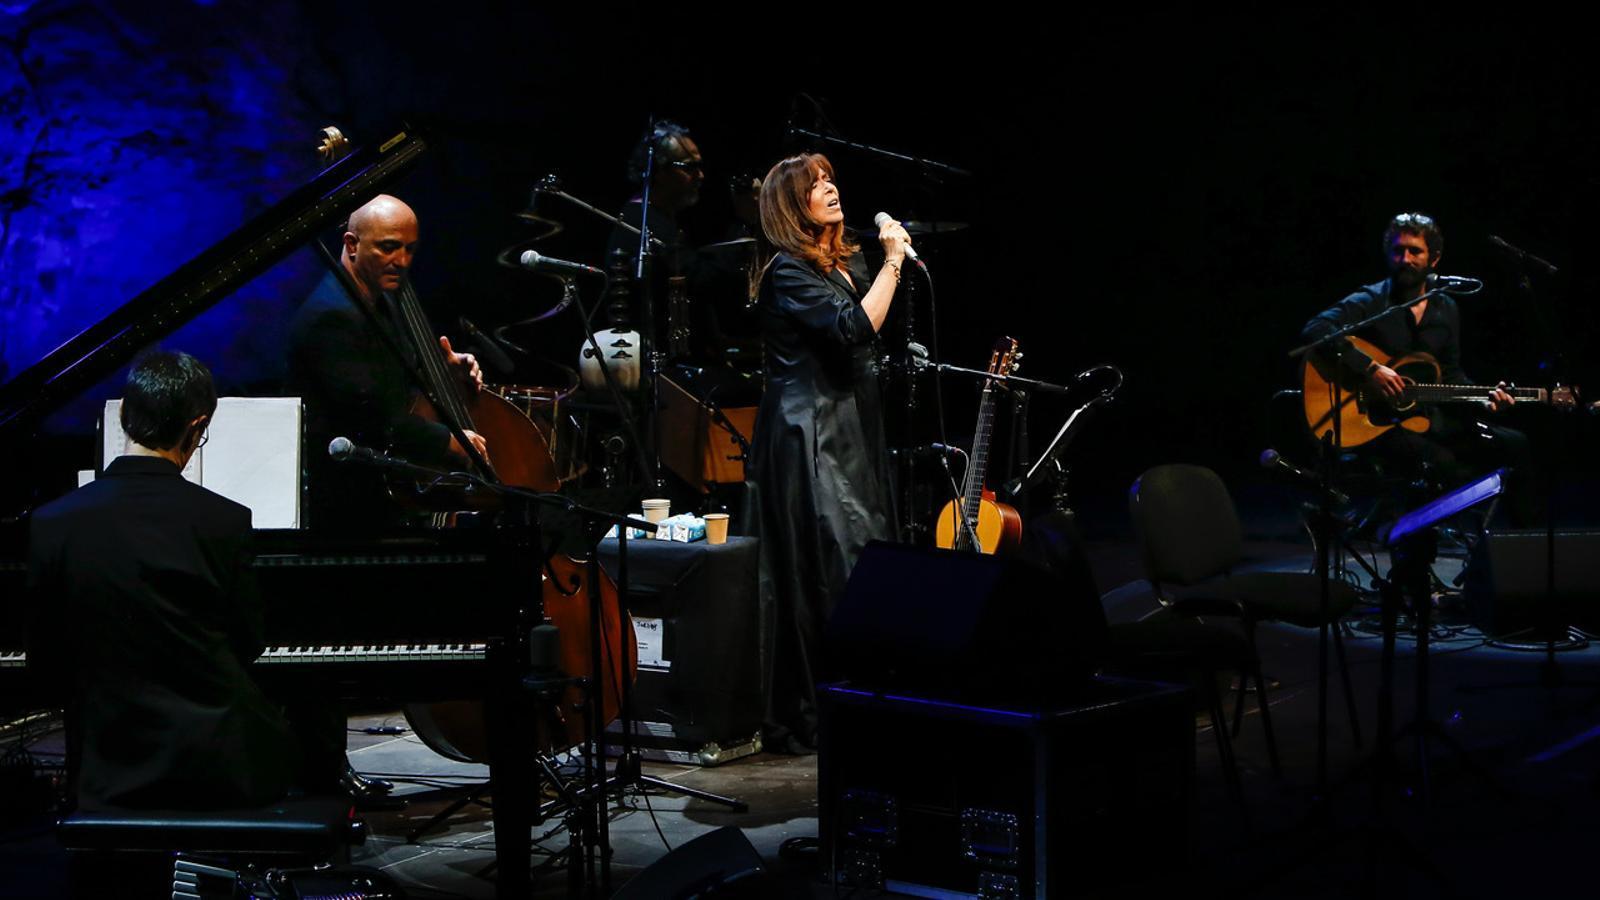 Maria del Mar Bonet durant el concert al Teatre Grec, dins de la Mercè Música / CÈLIA ATSET